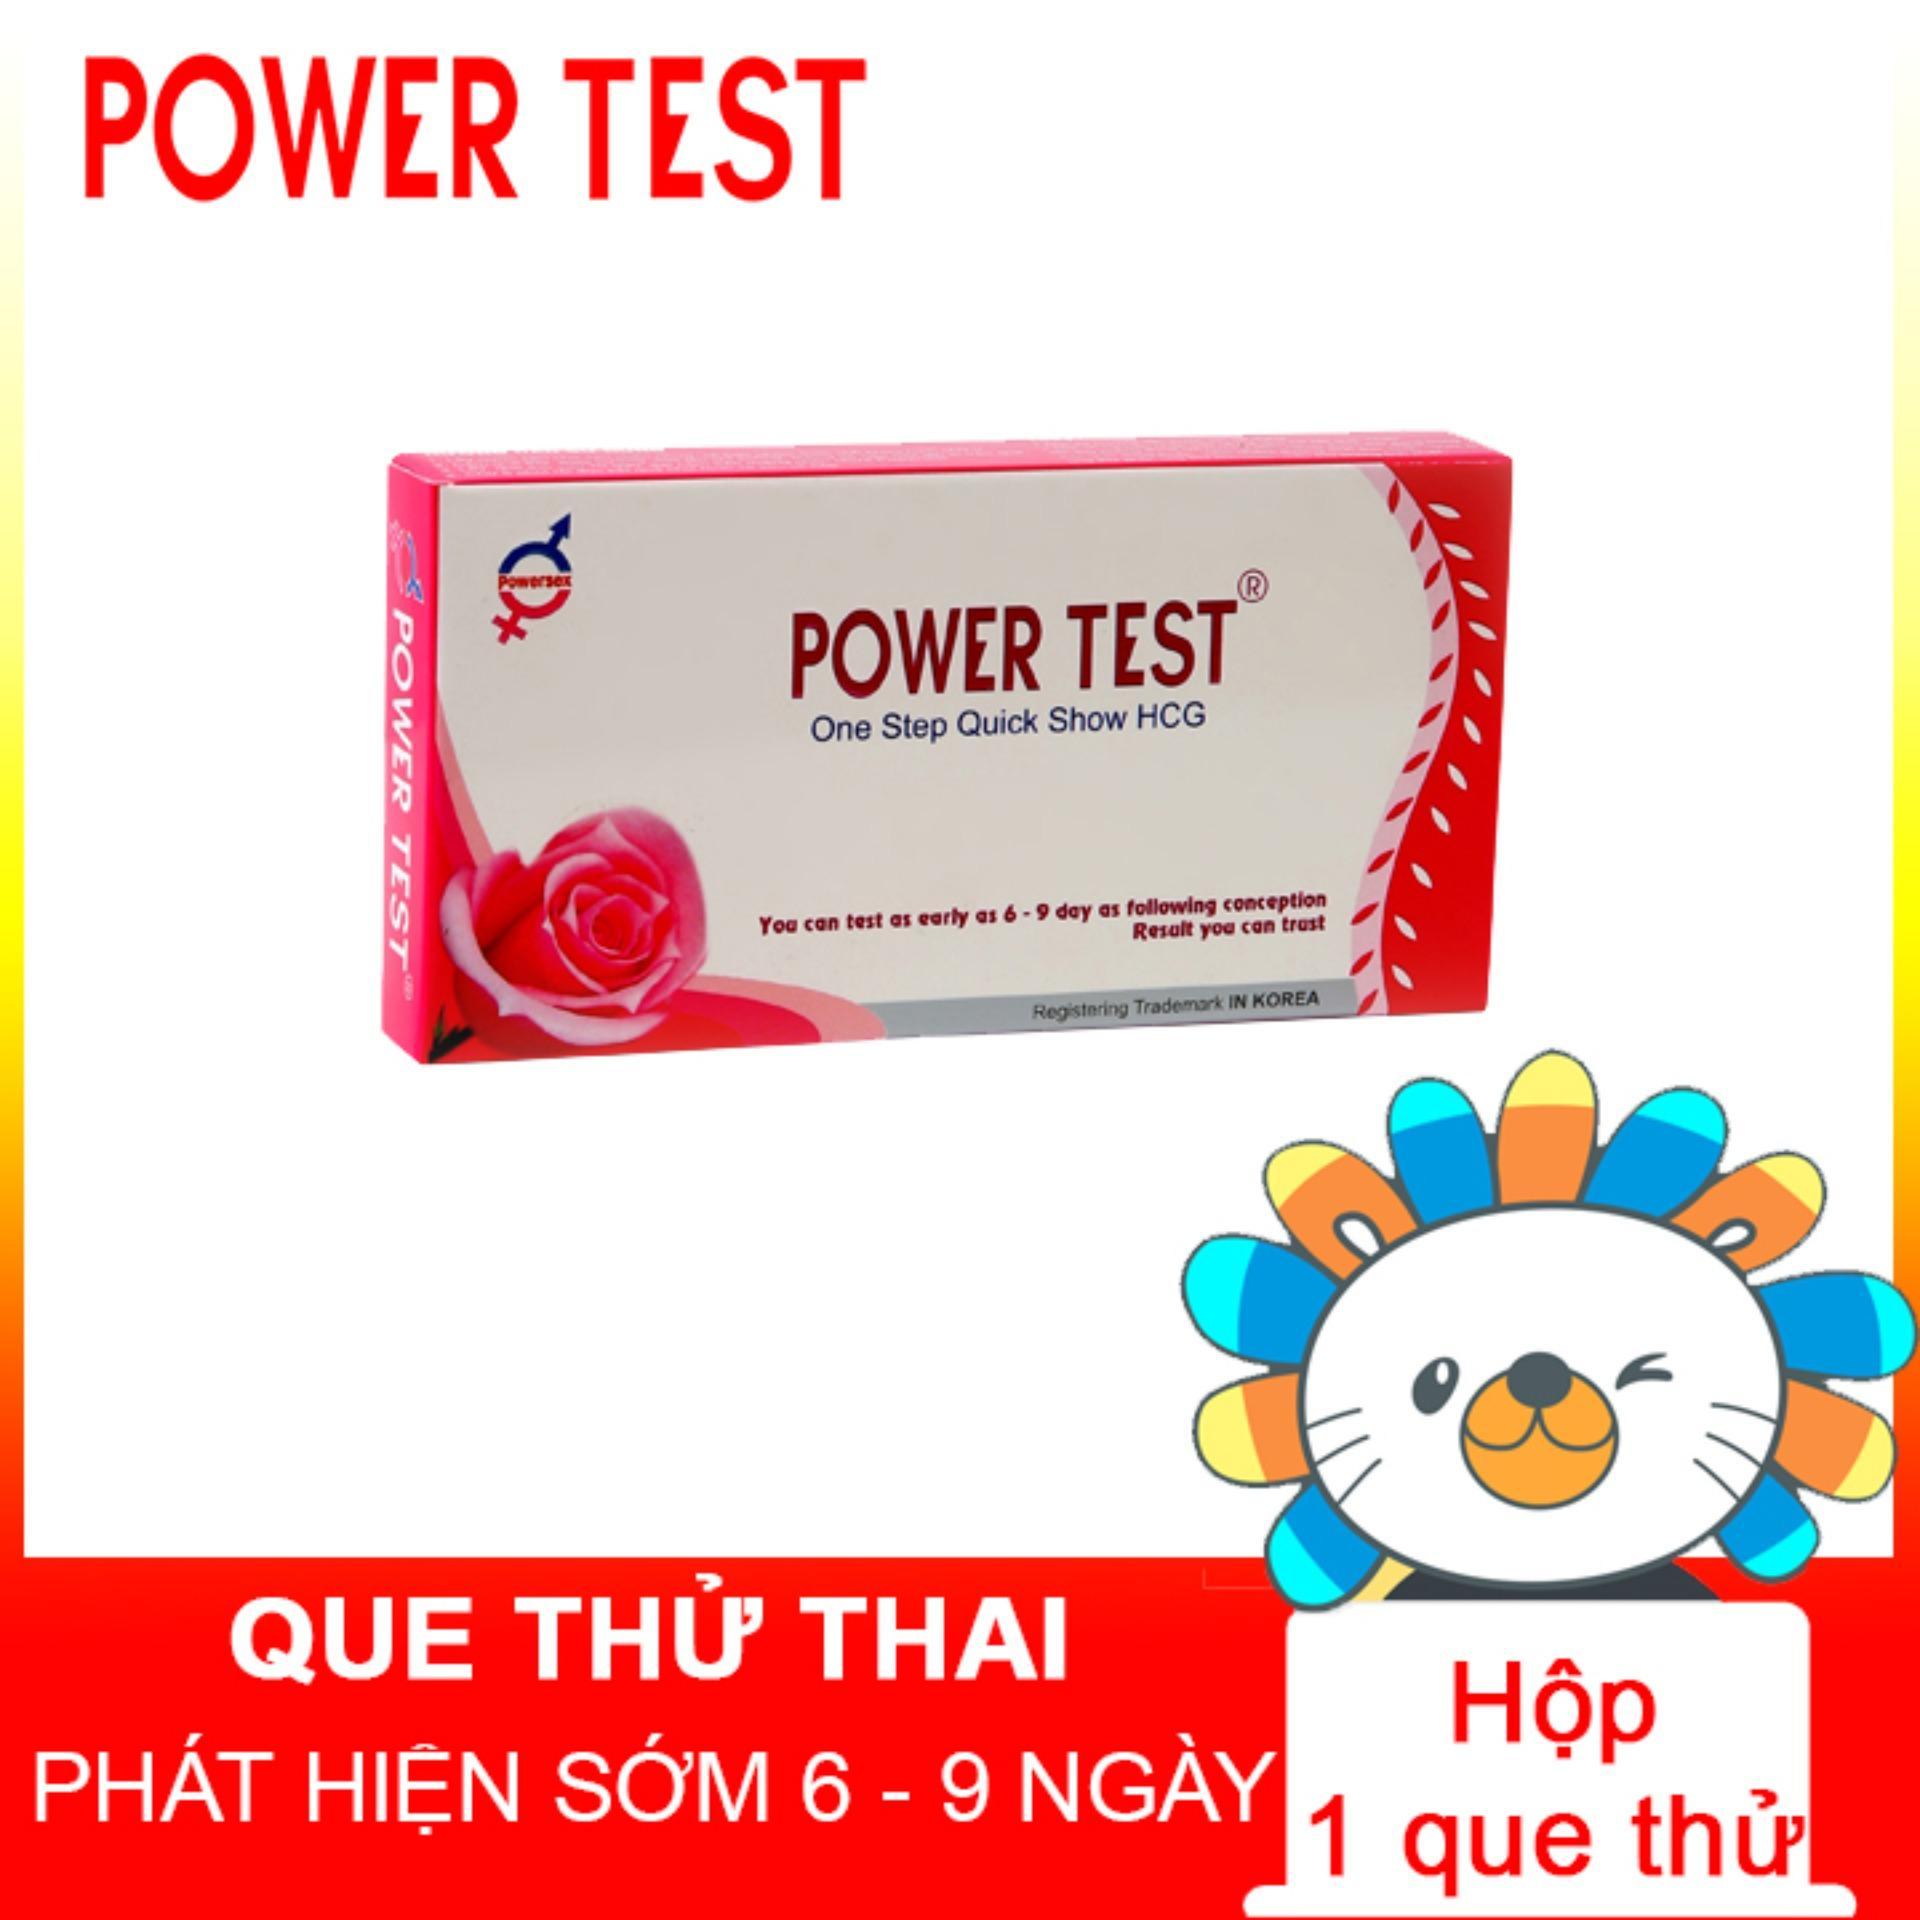 Que thử thai Powertest 3mm cao cấp